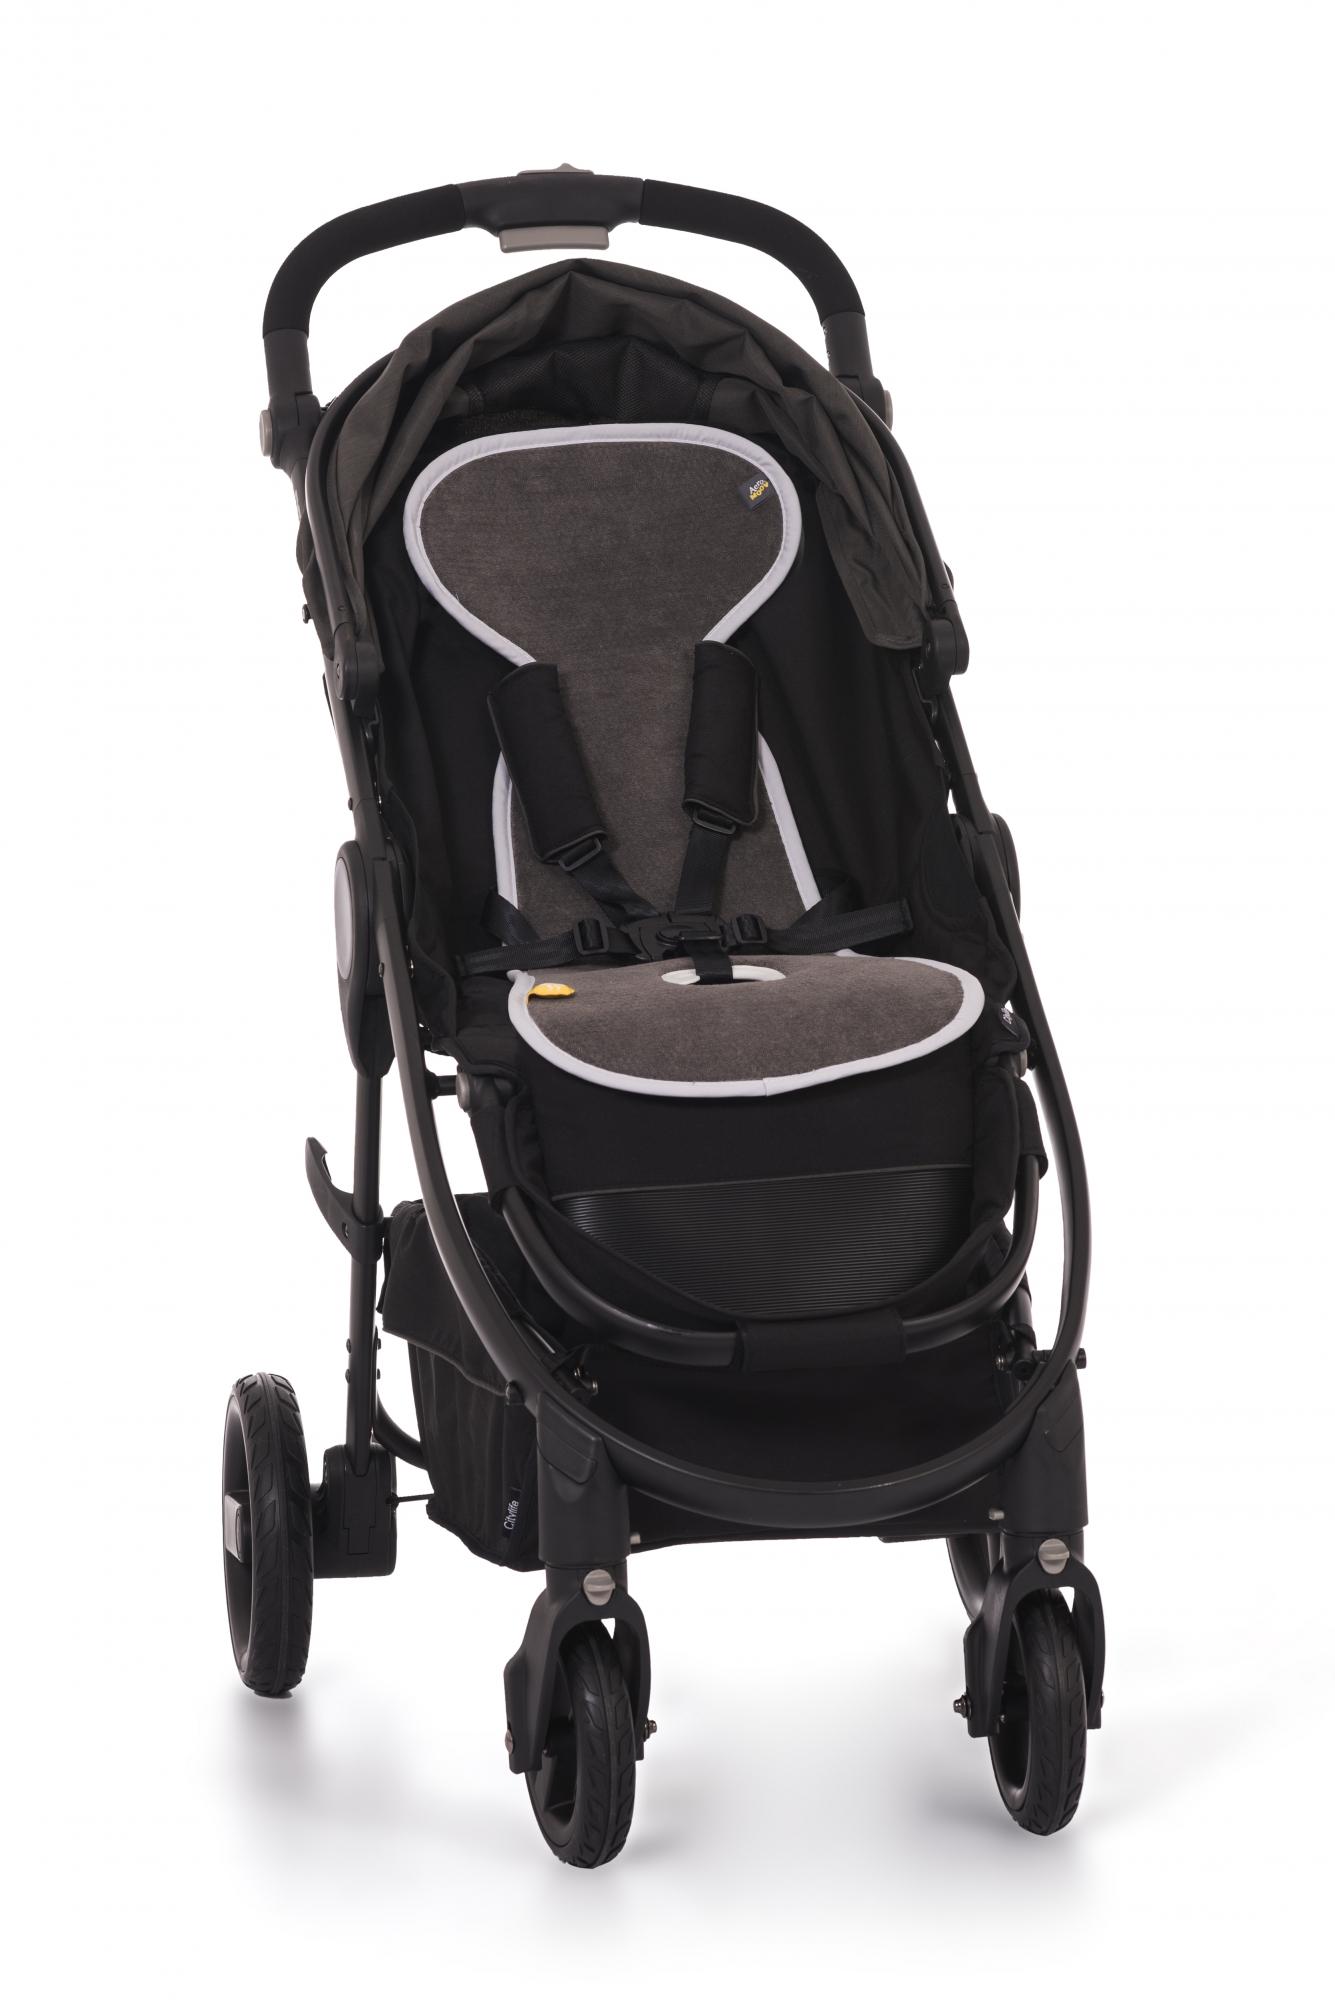 l_al-b-ant-in-stroller-1459623886